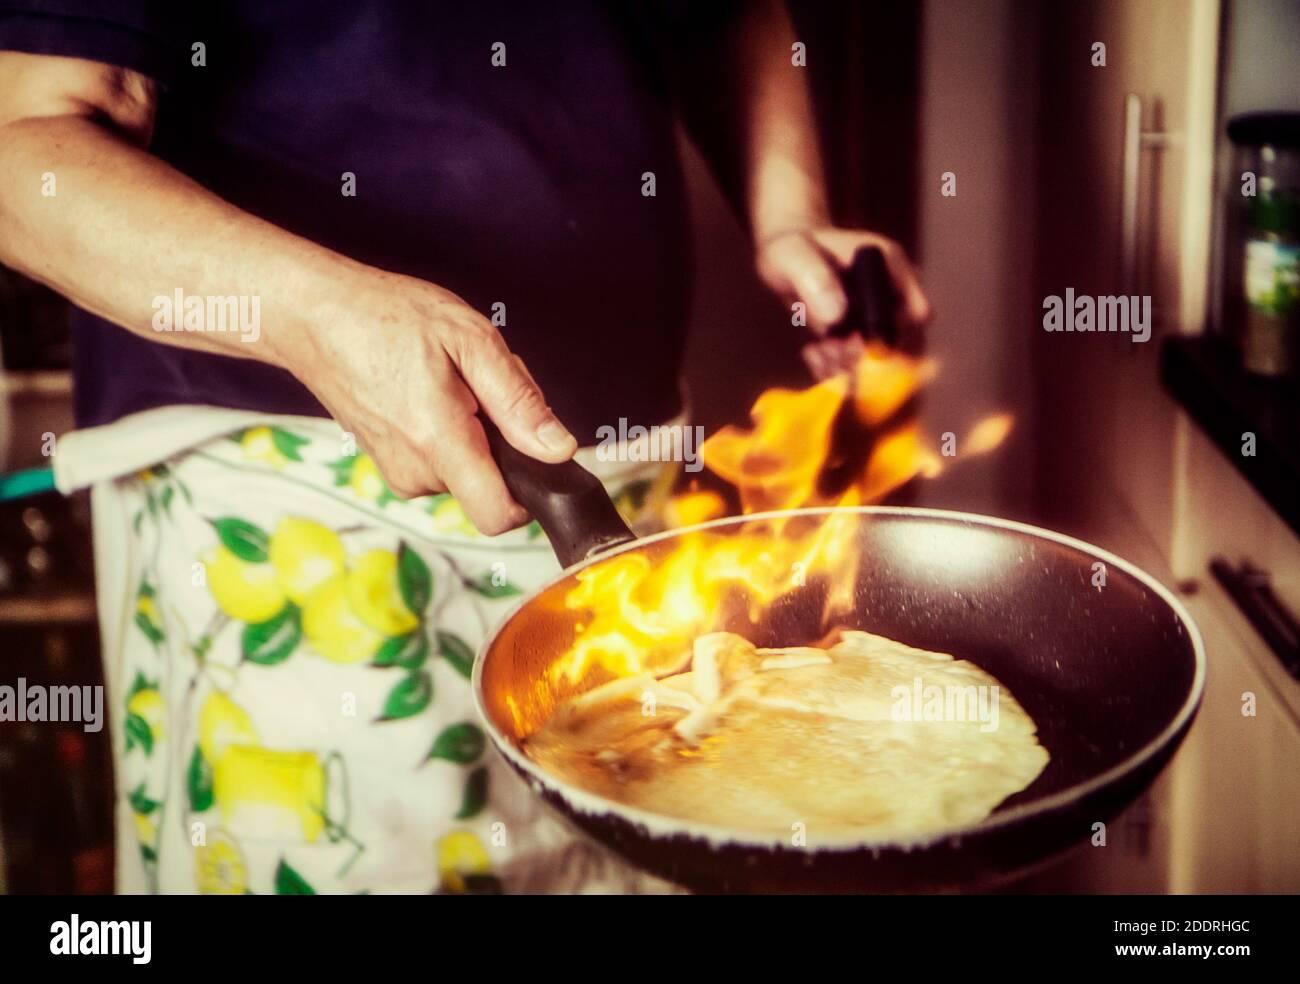 Cuisine gastronomique créative à la maison : faire des crêpes flambantes Banque D'Images